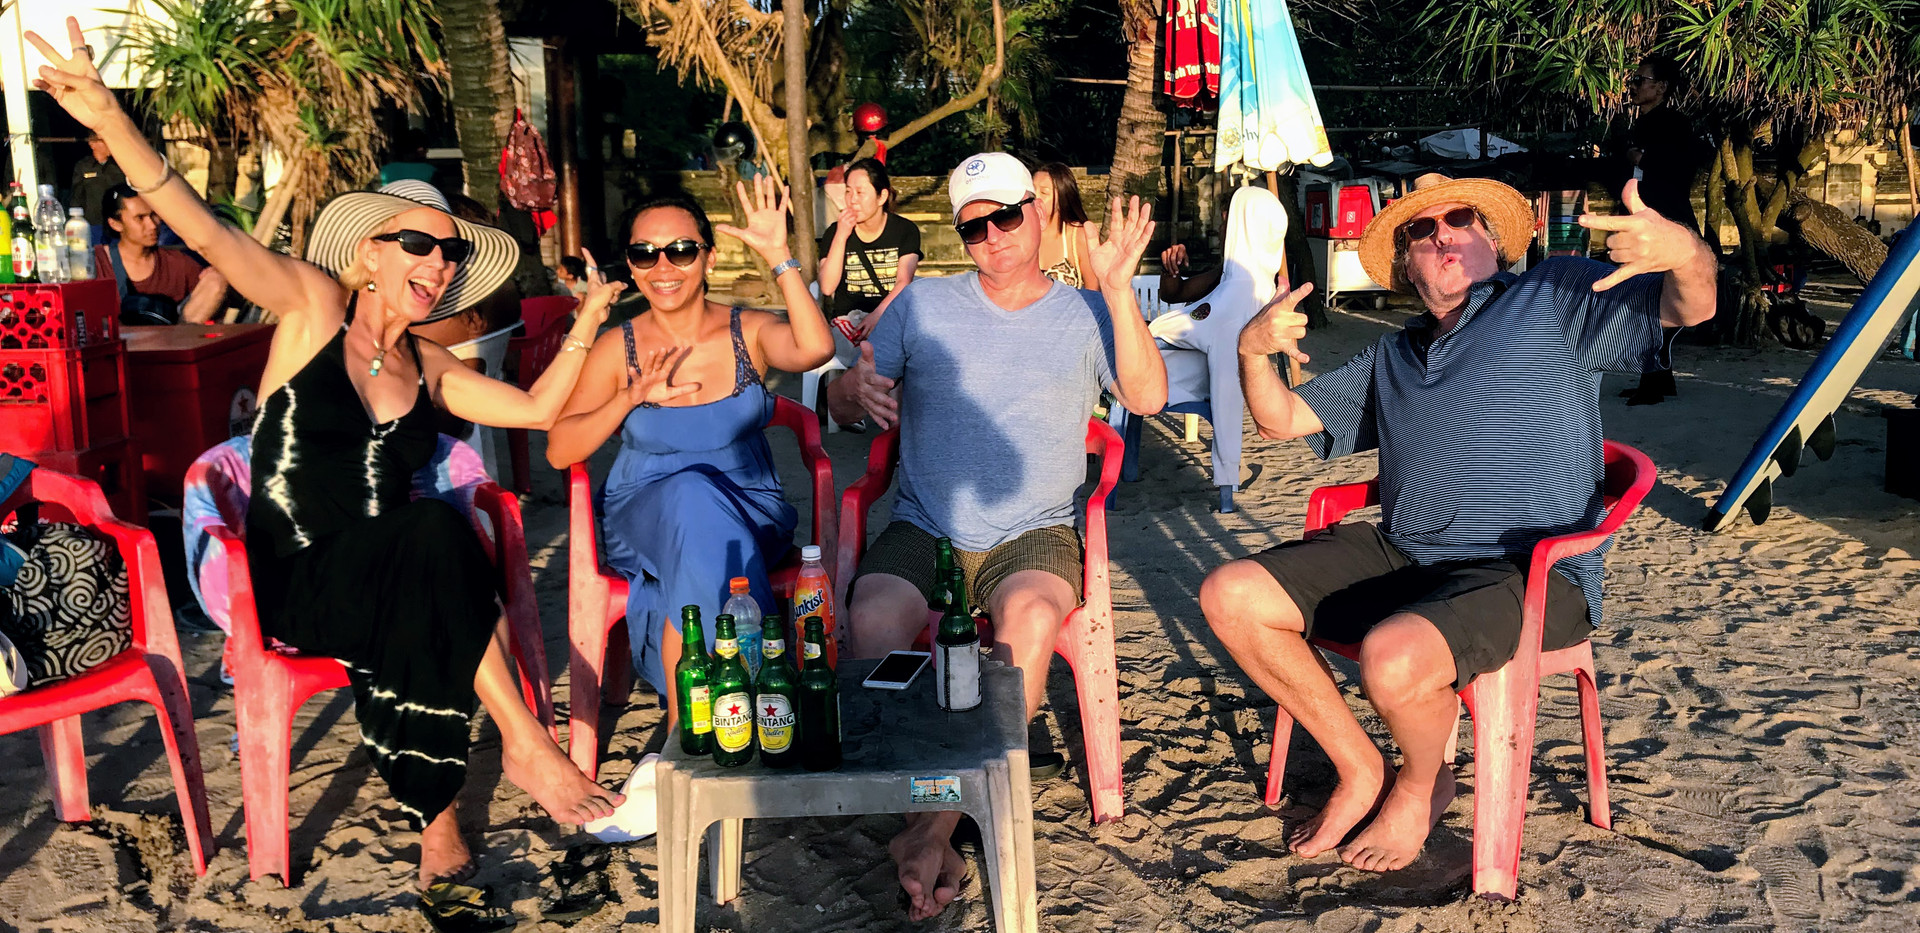 Kuta Beach Bali 2017